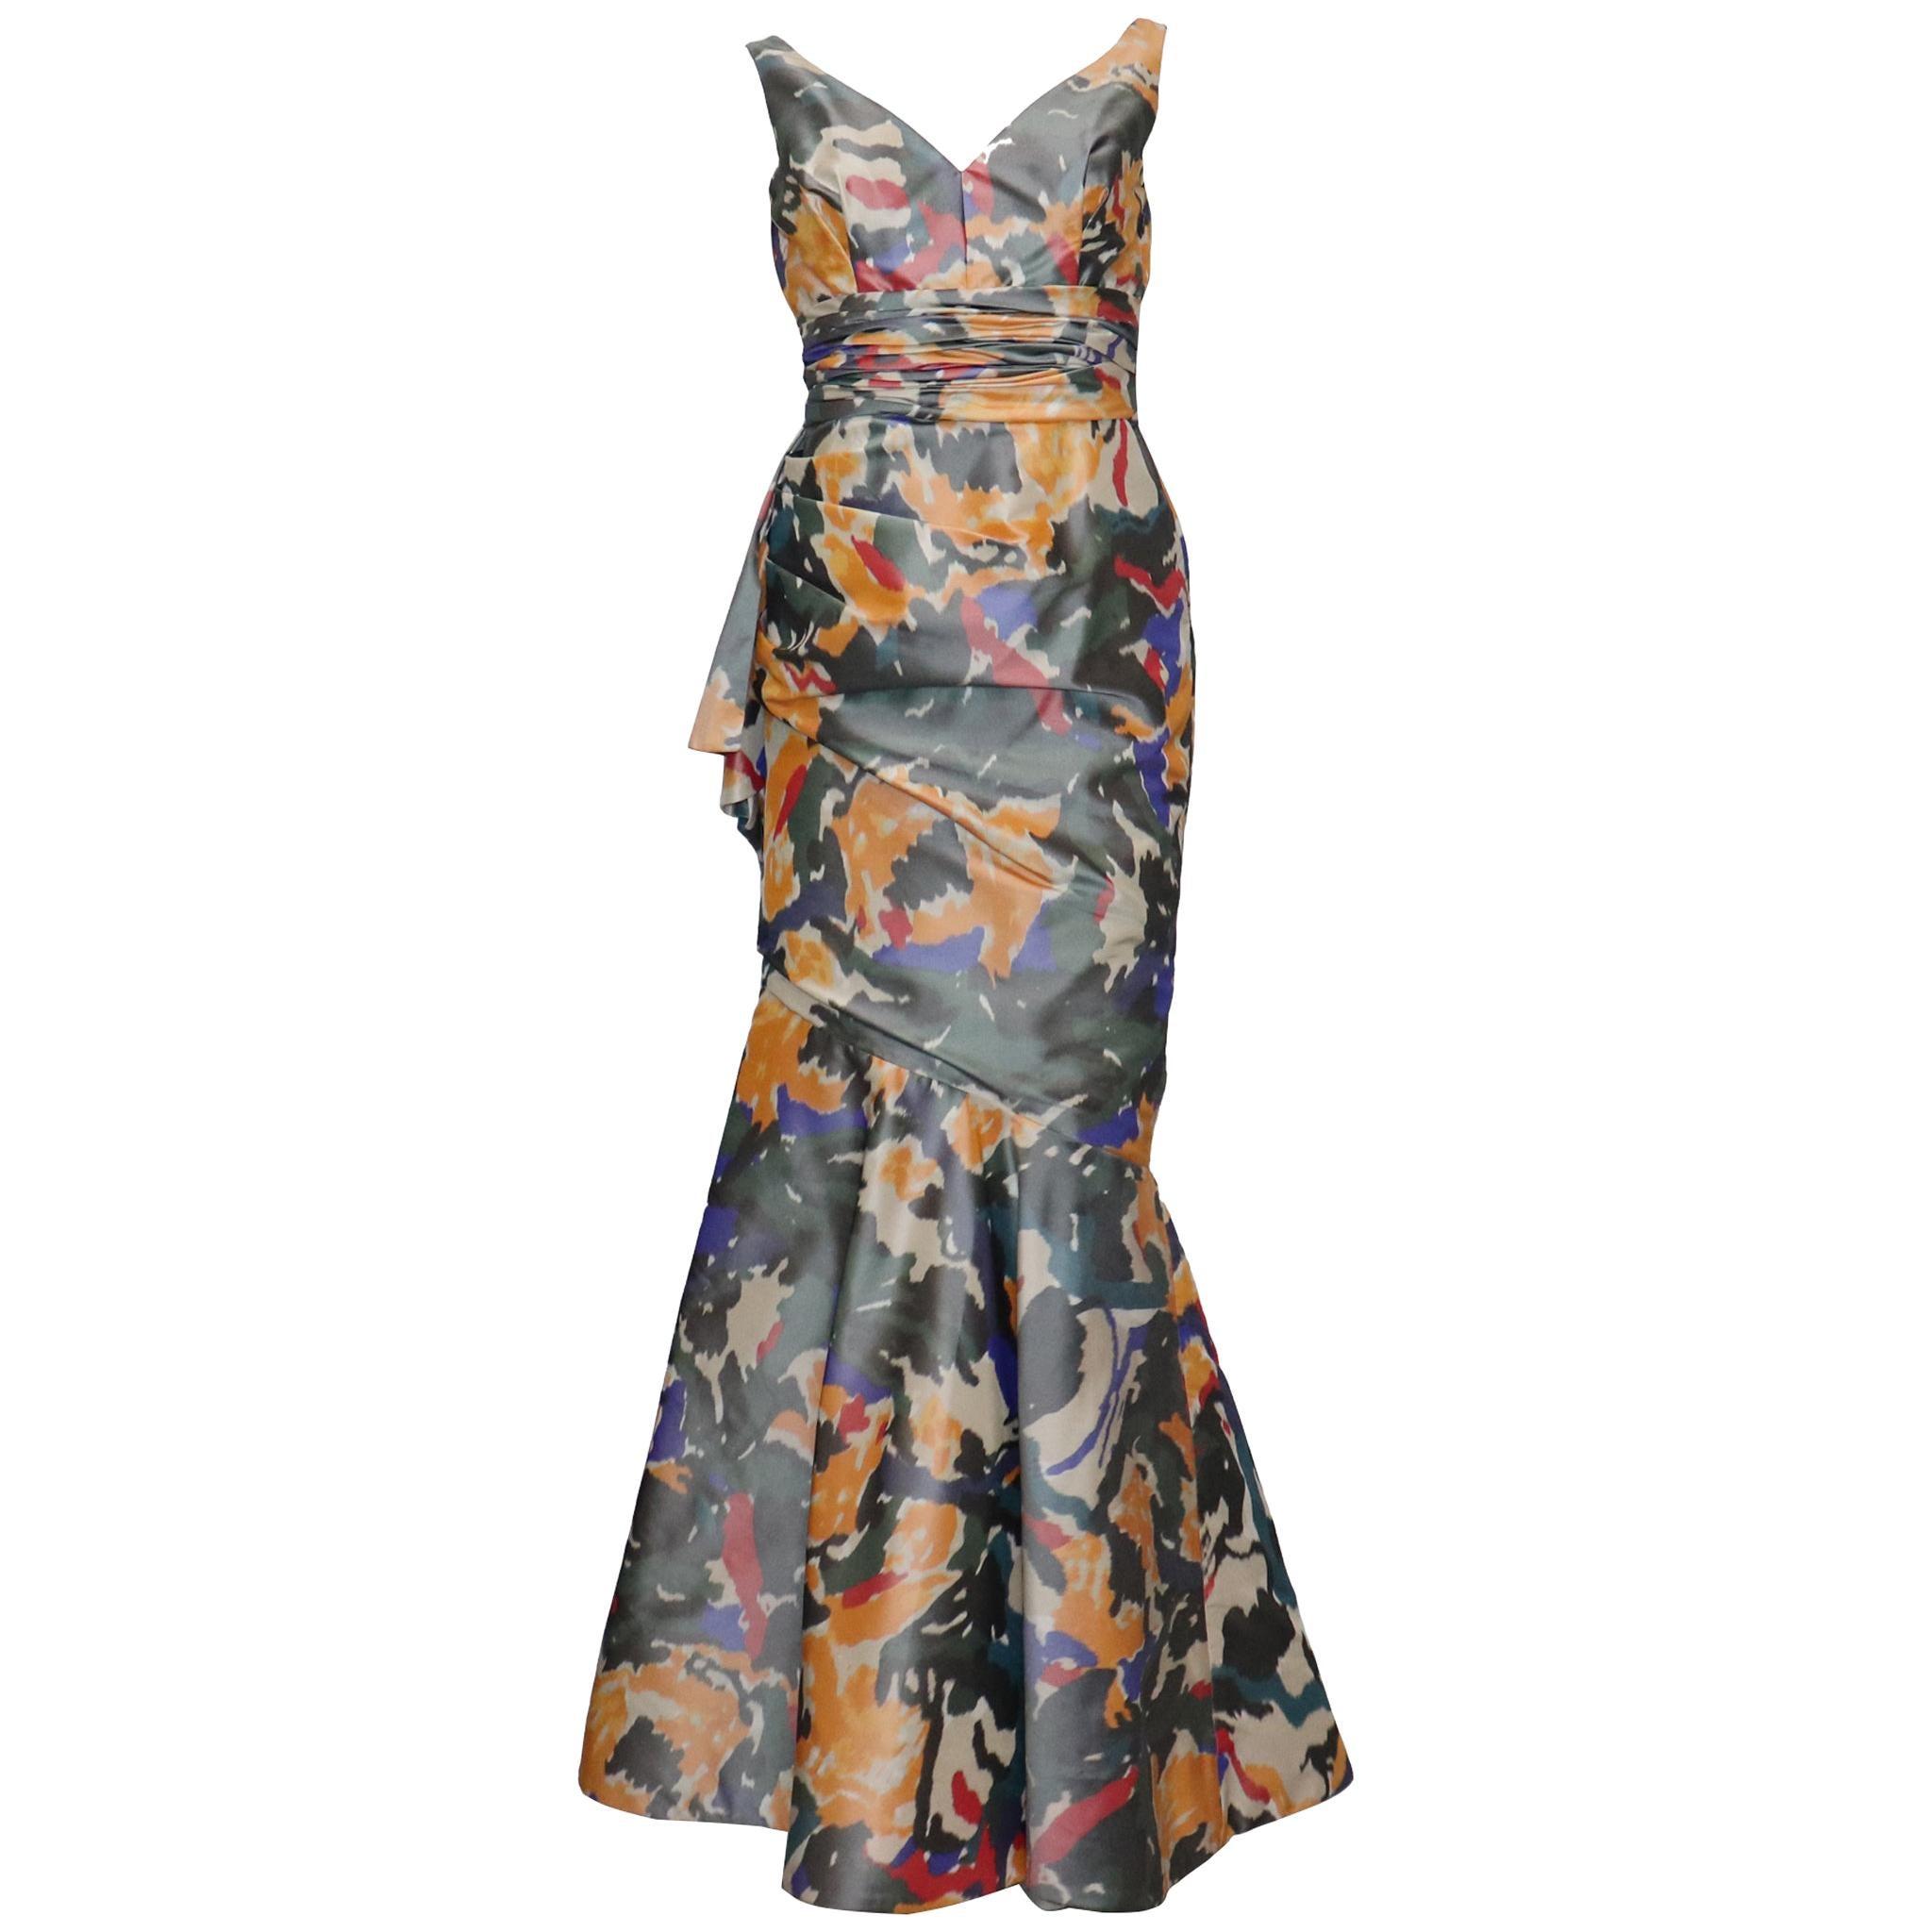 Oscar De La Renta Multicolor Warp Print Gown w/ Gathers